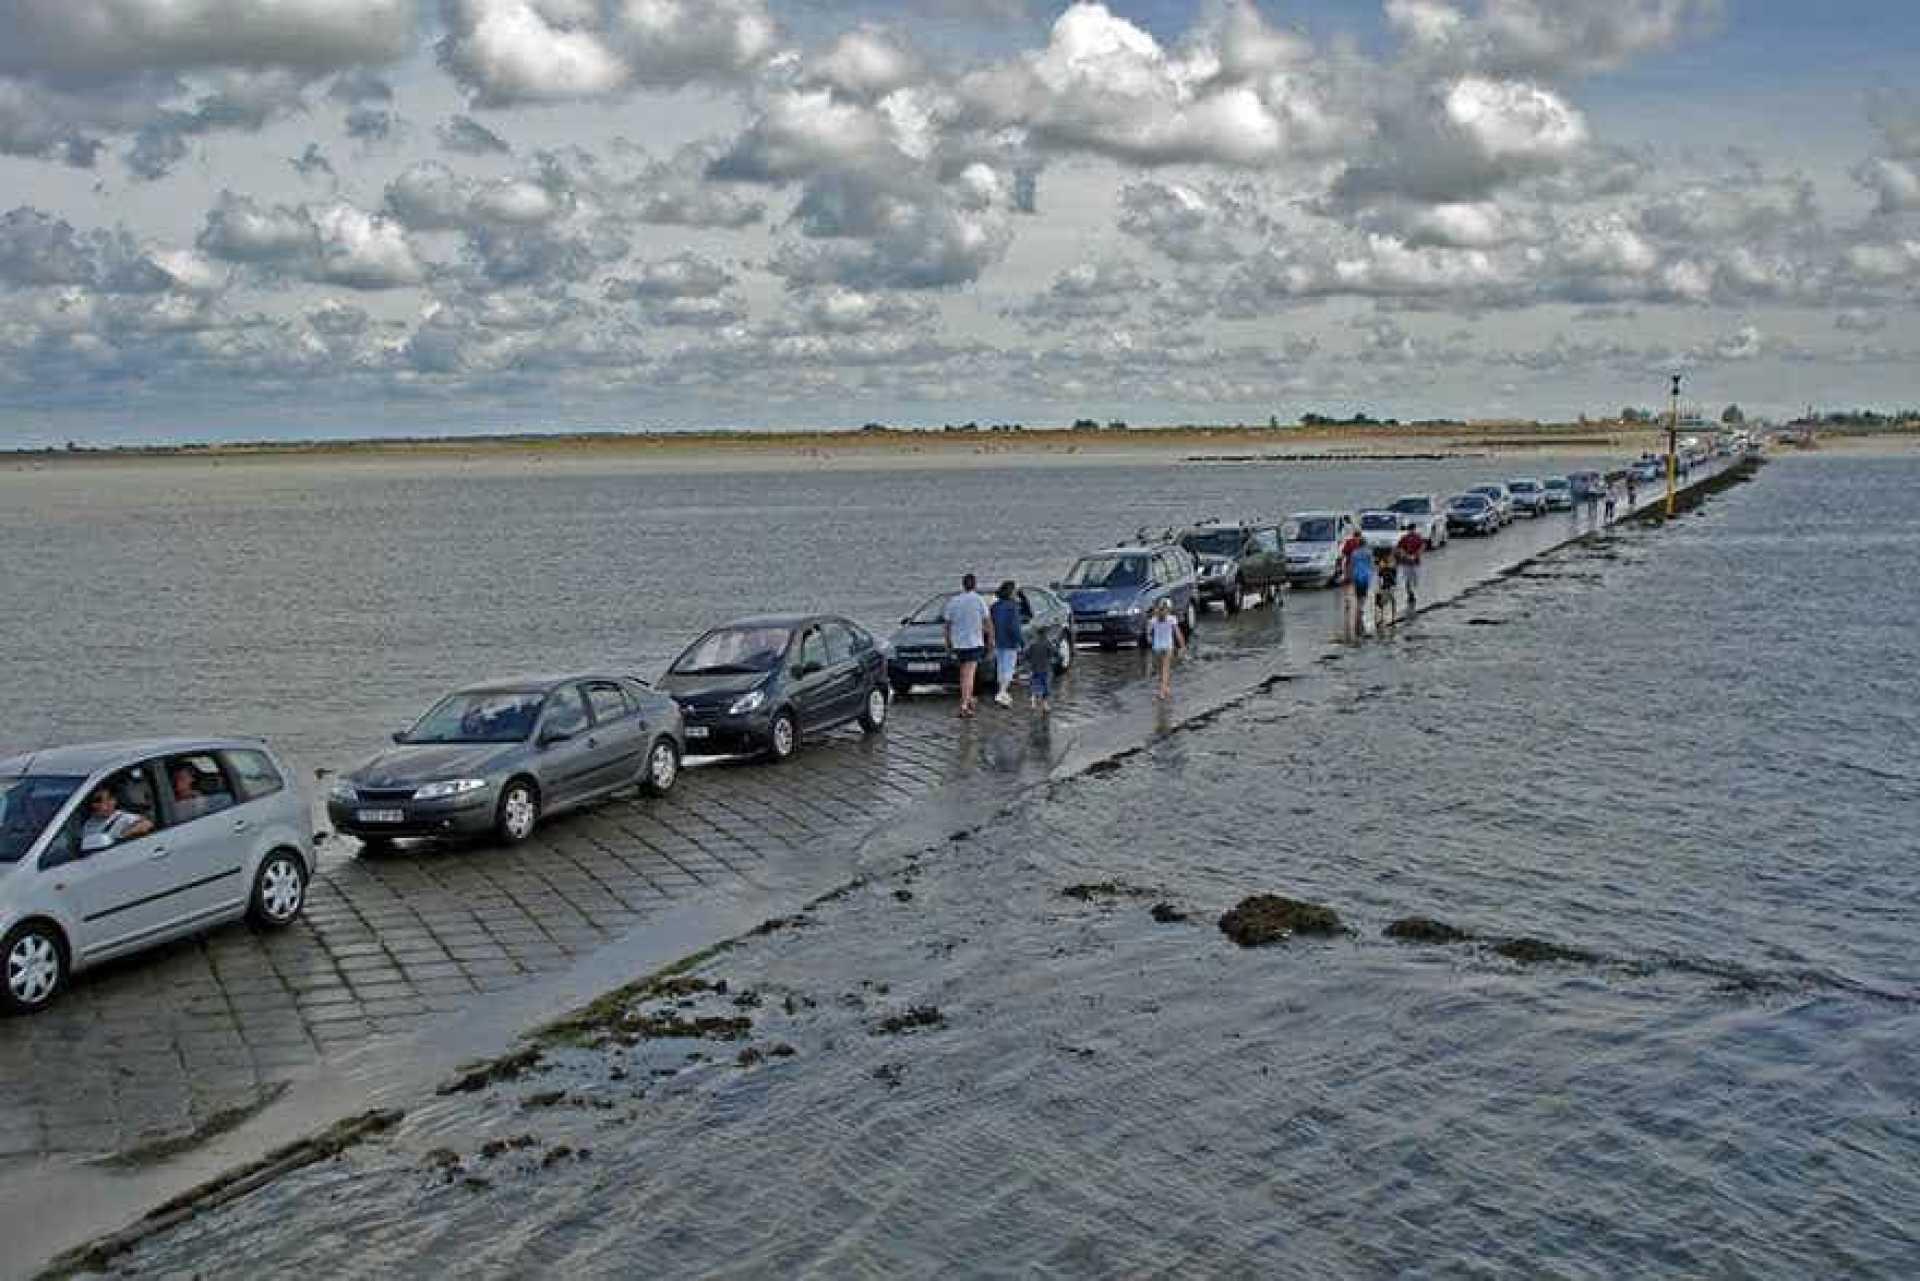 Le-passage-du-Gois-une-etonnante-route-praticable-seulement-a-maree-basse-4